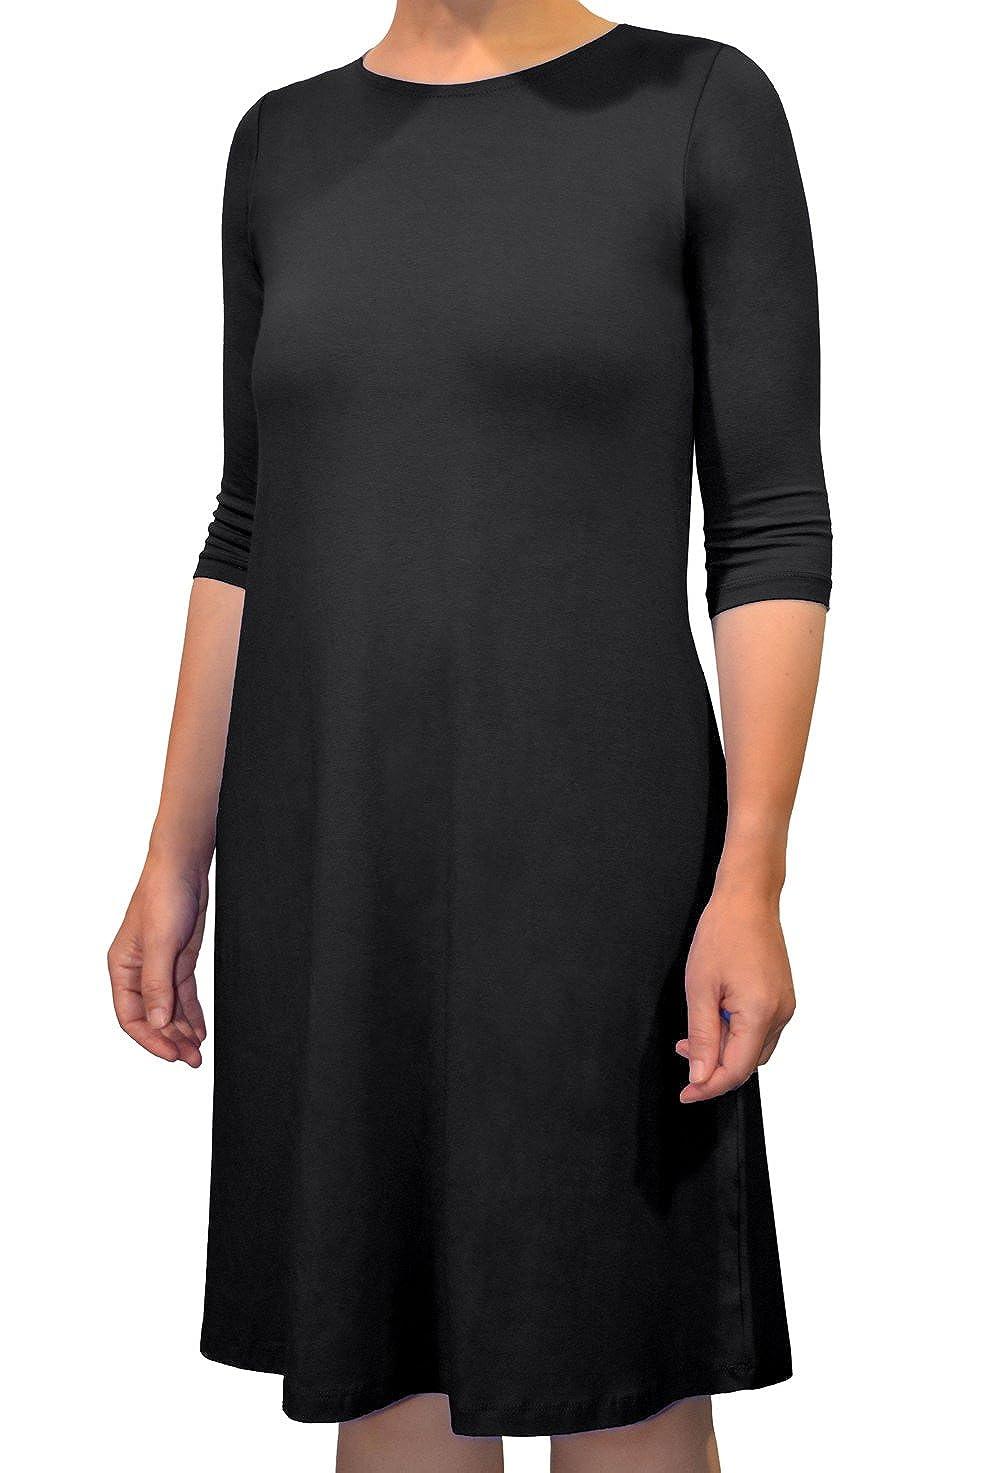 Kosher Casual Womens Modest Knee Length Lightweight T Shirt Dress